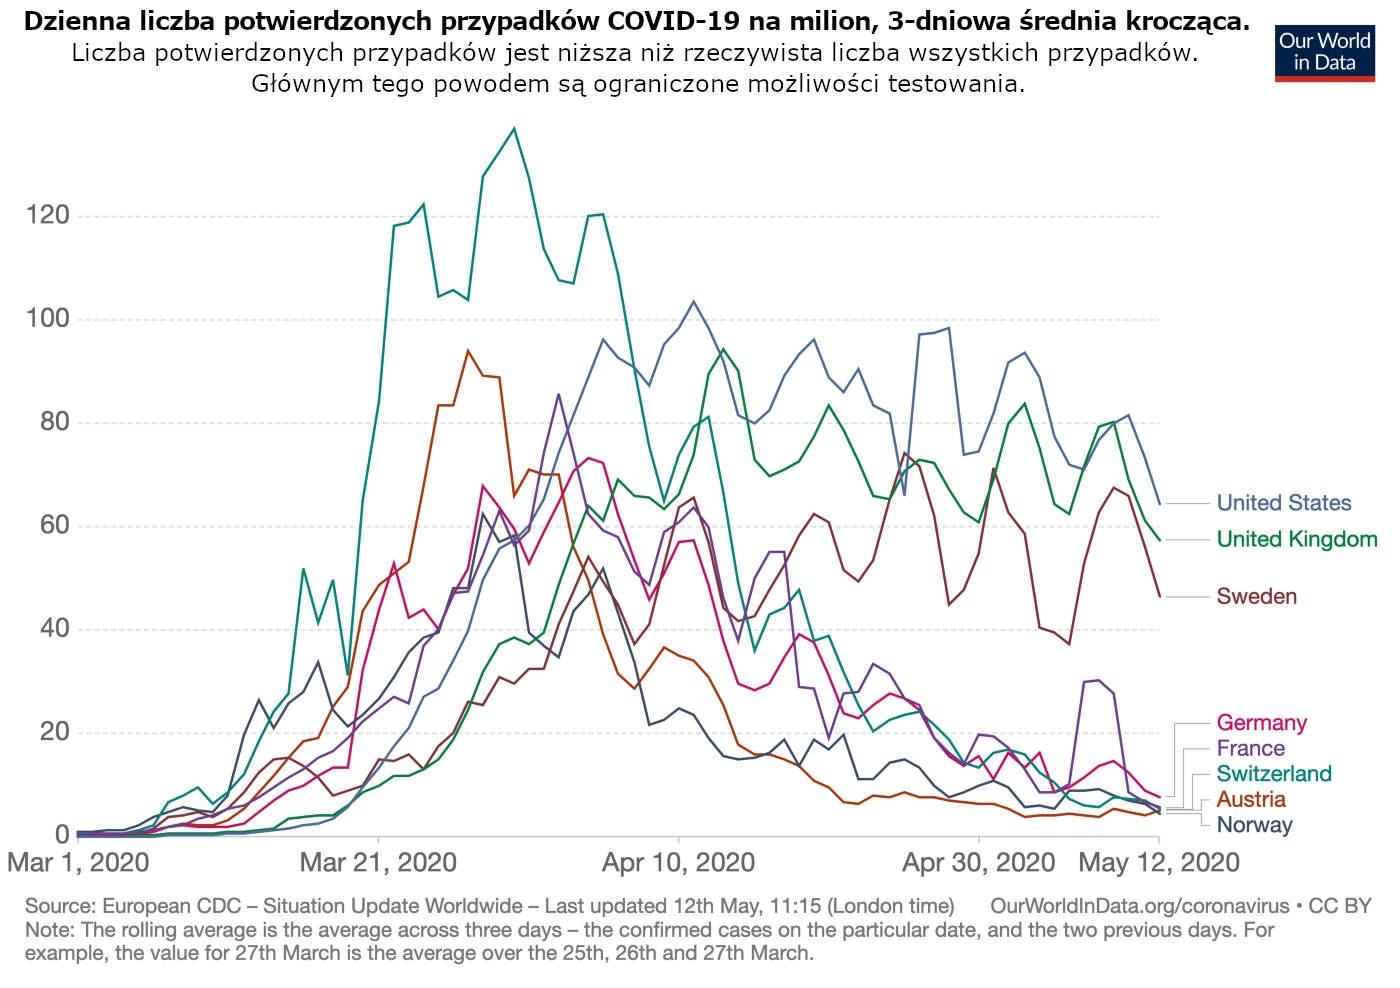 Dzienna liczba potwierdzonych przypadków COVID-19 na milion, 3-dniowa średnia krocząca.